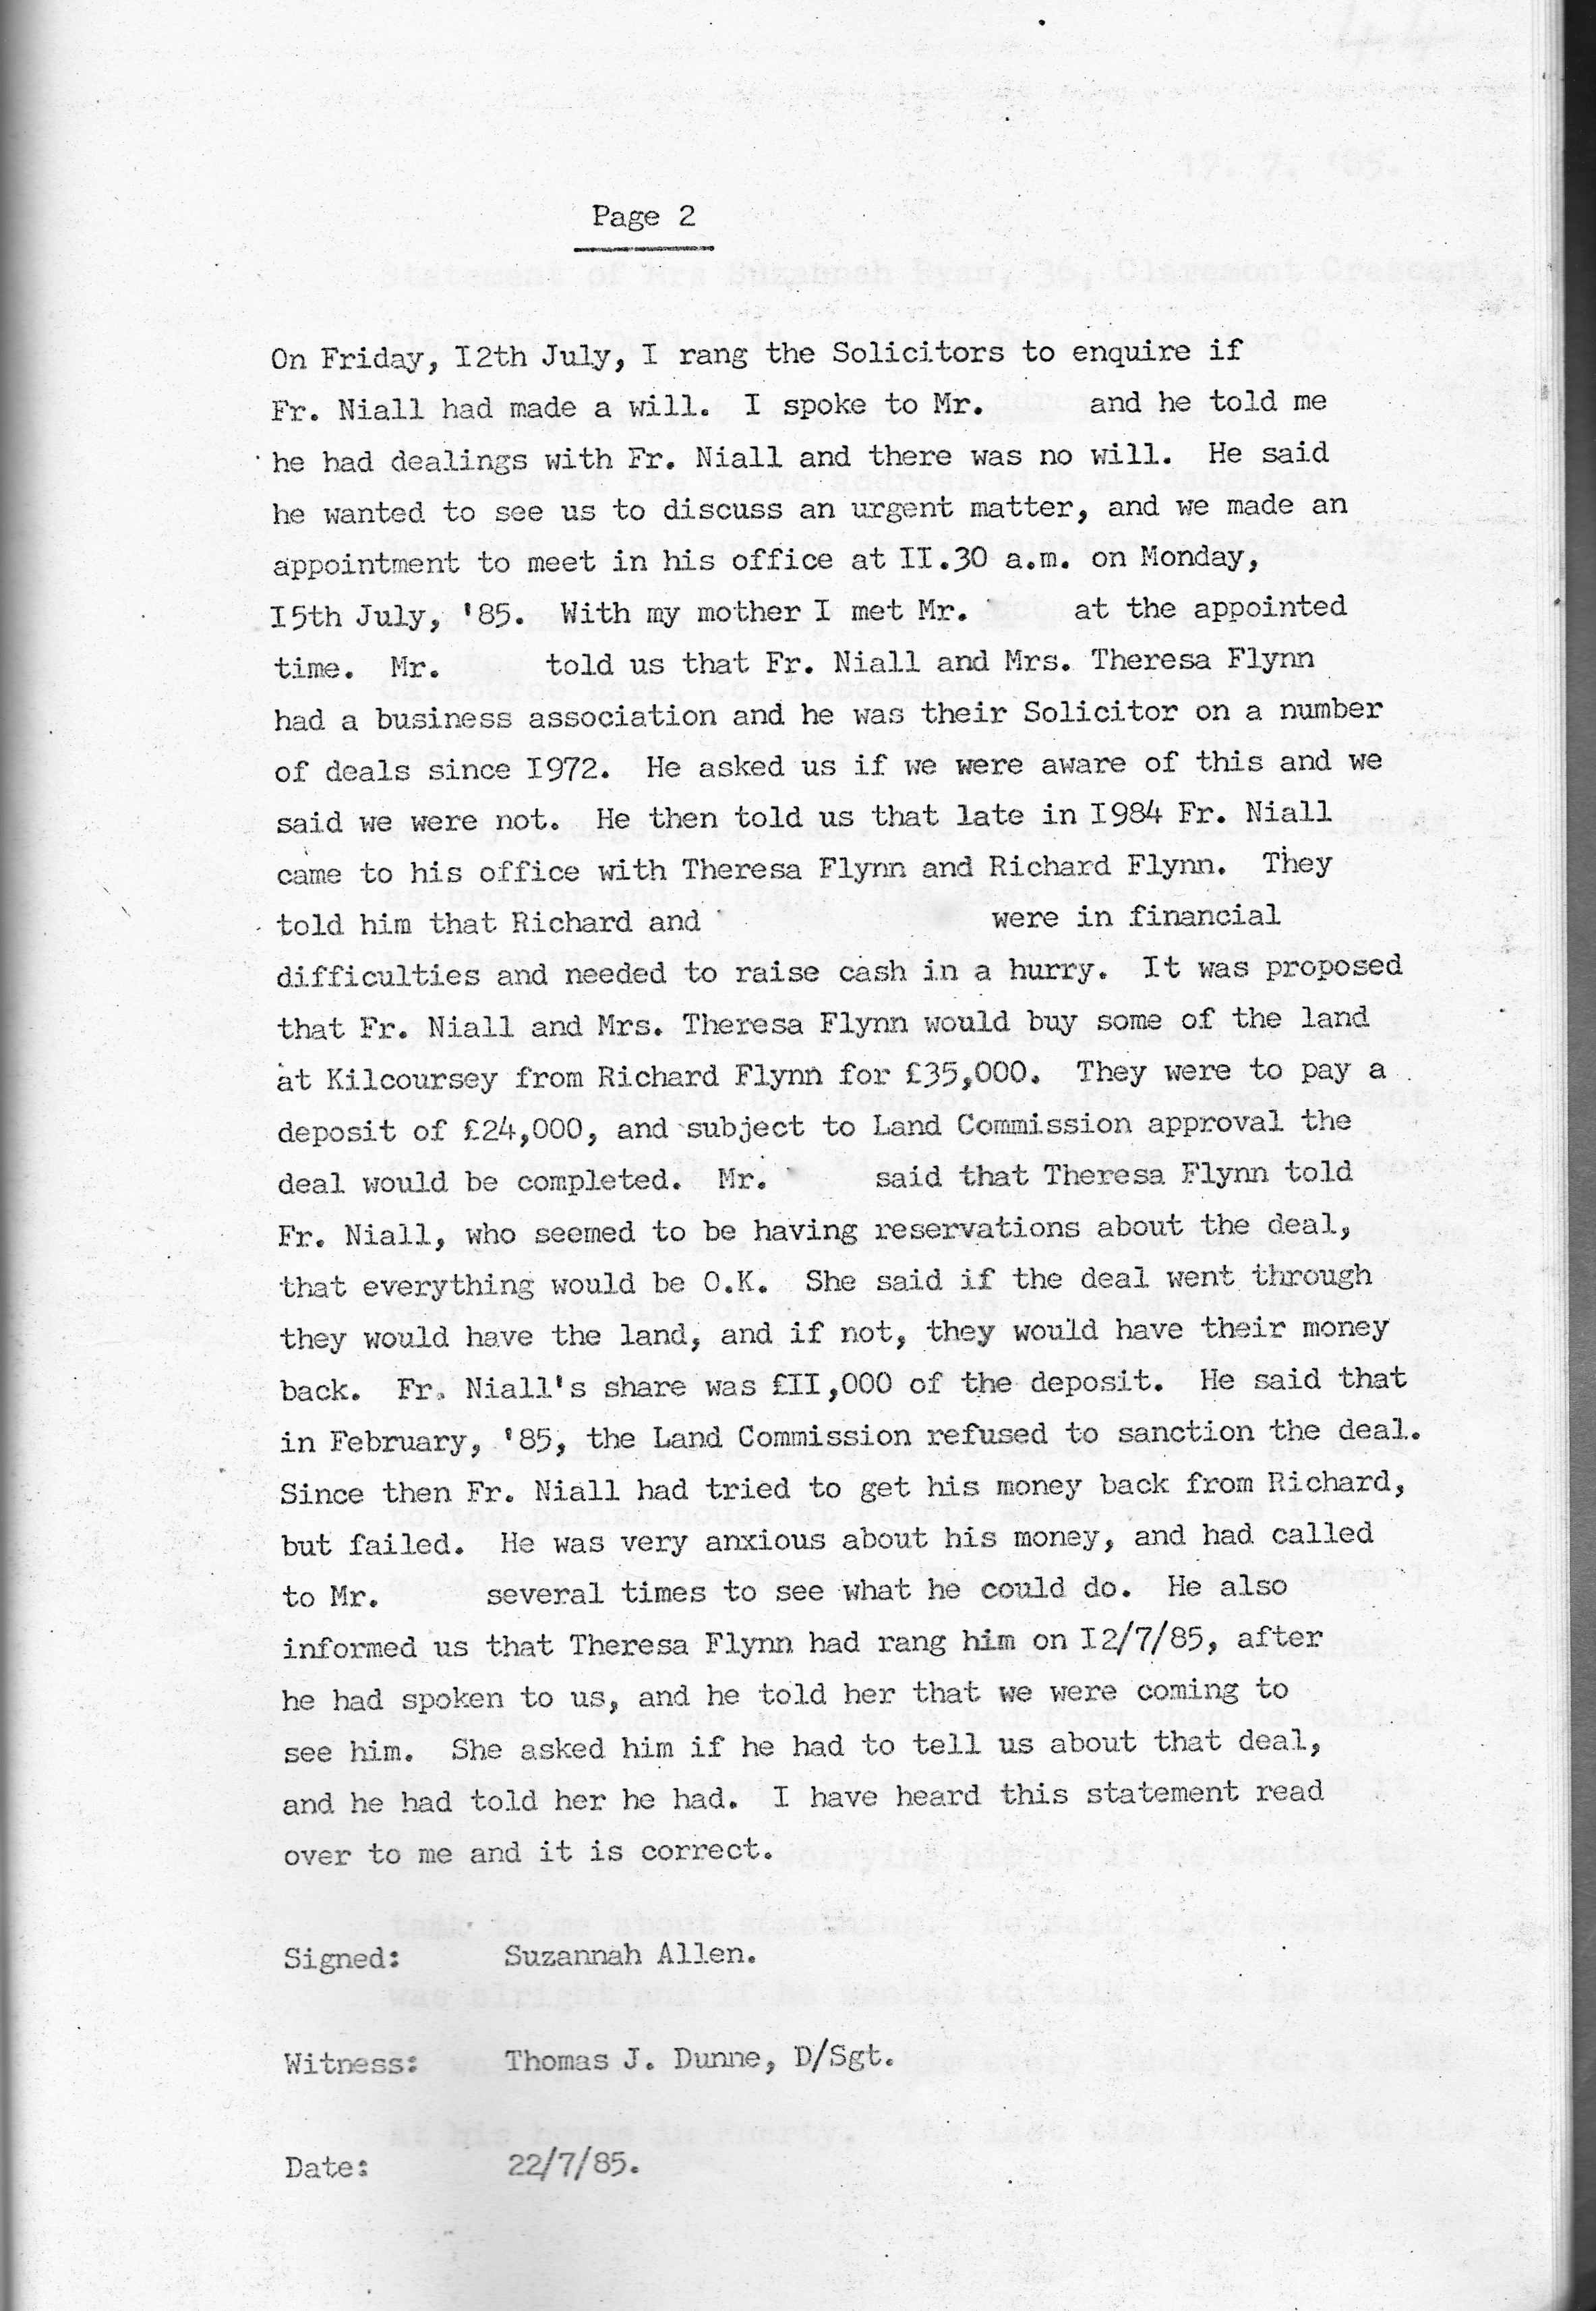 lRyan_43 PAGE 2 BOE